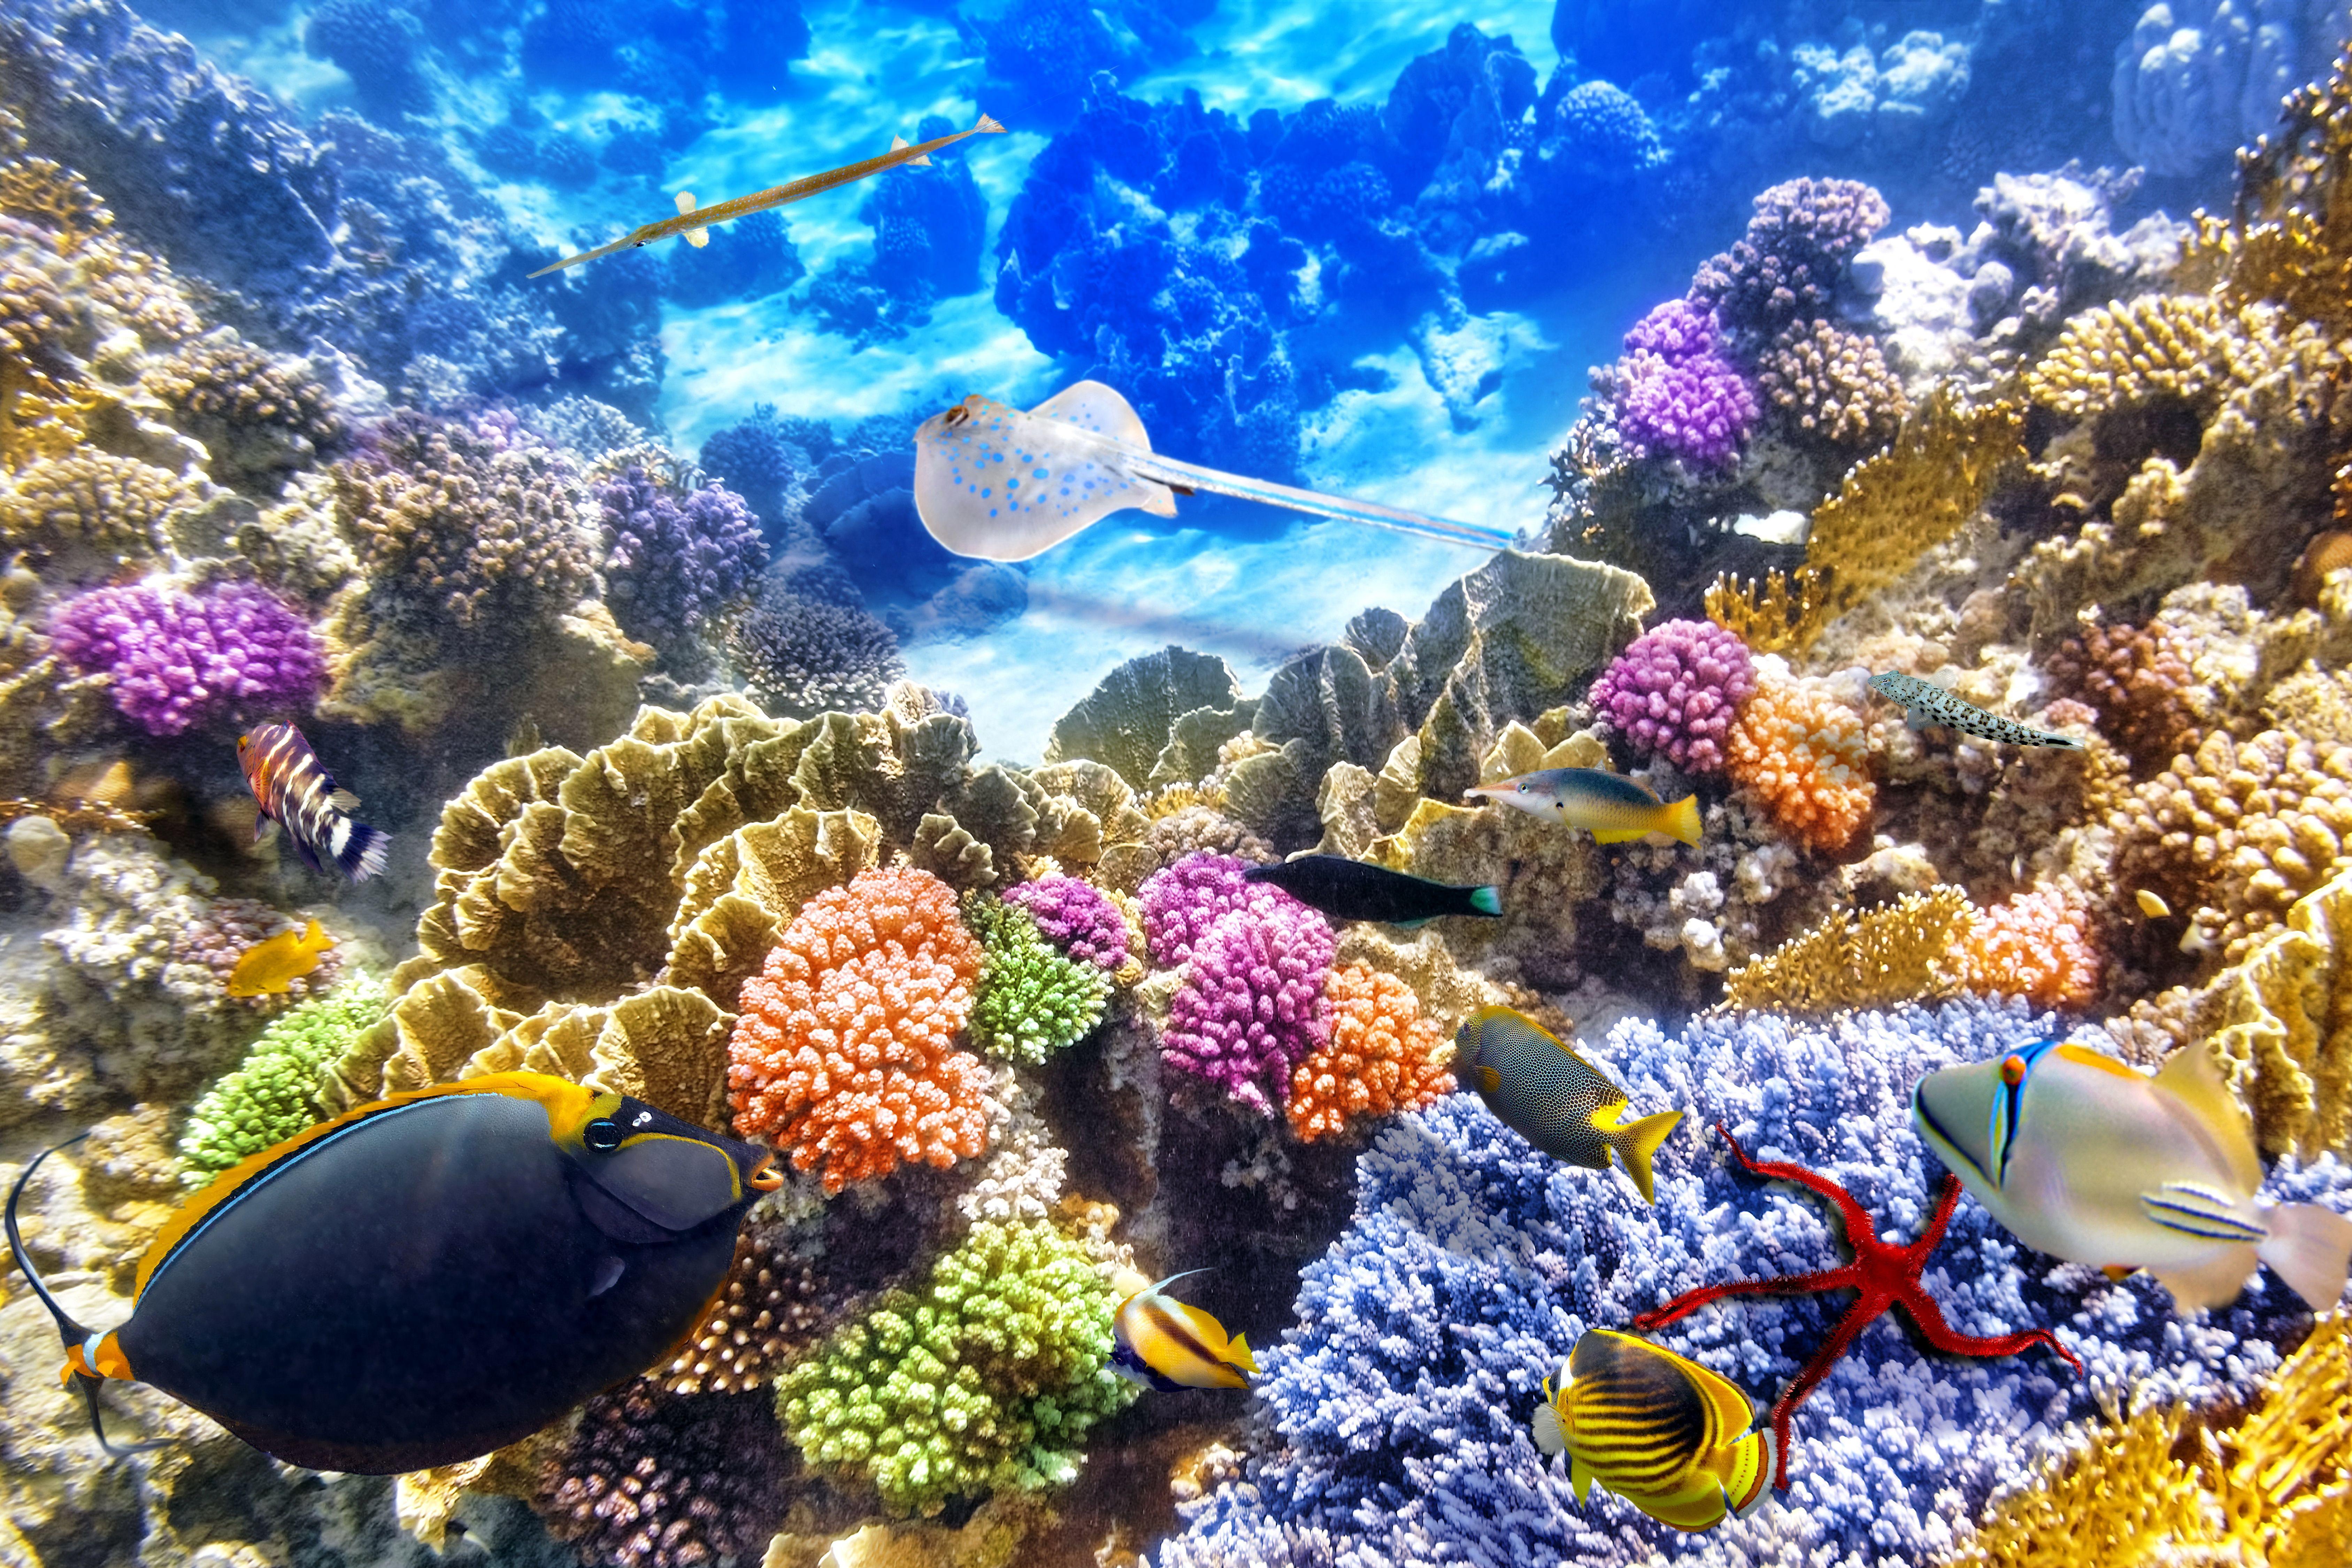 Coral Reef 4K Wallpapers - Top Free Coral Reef 4K ...